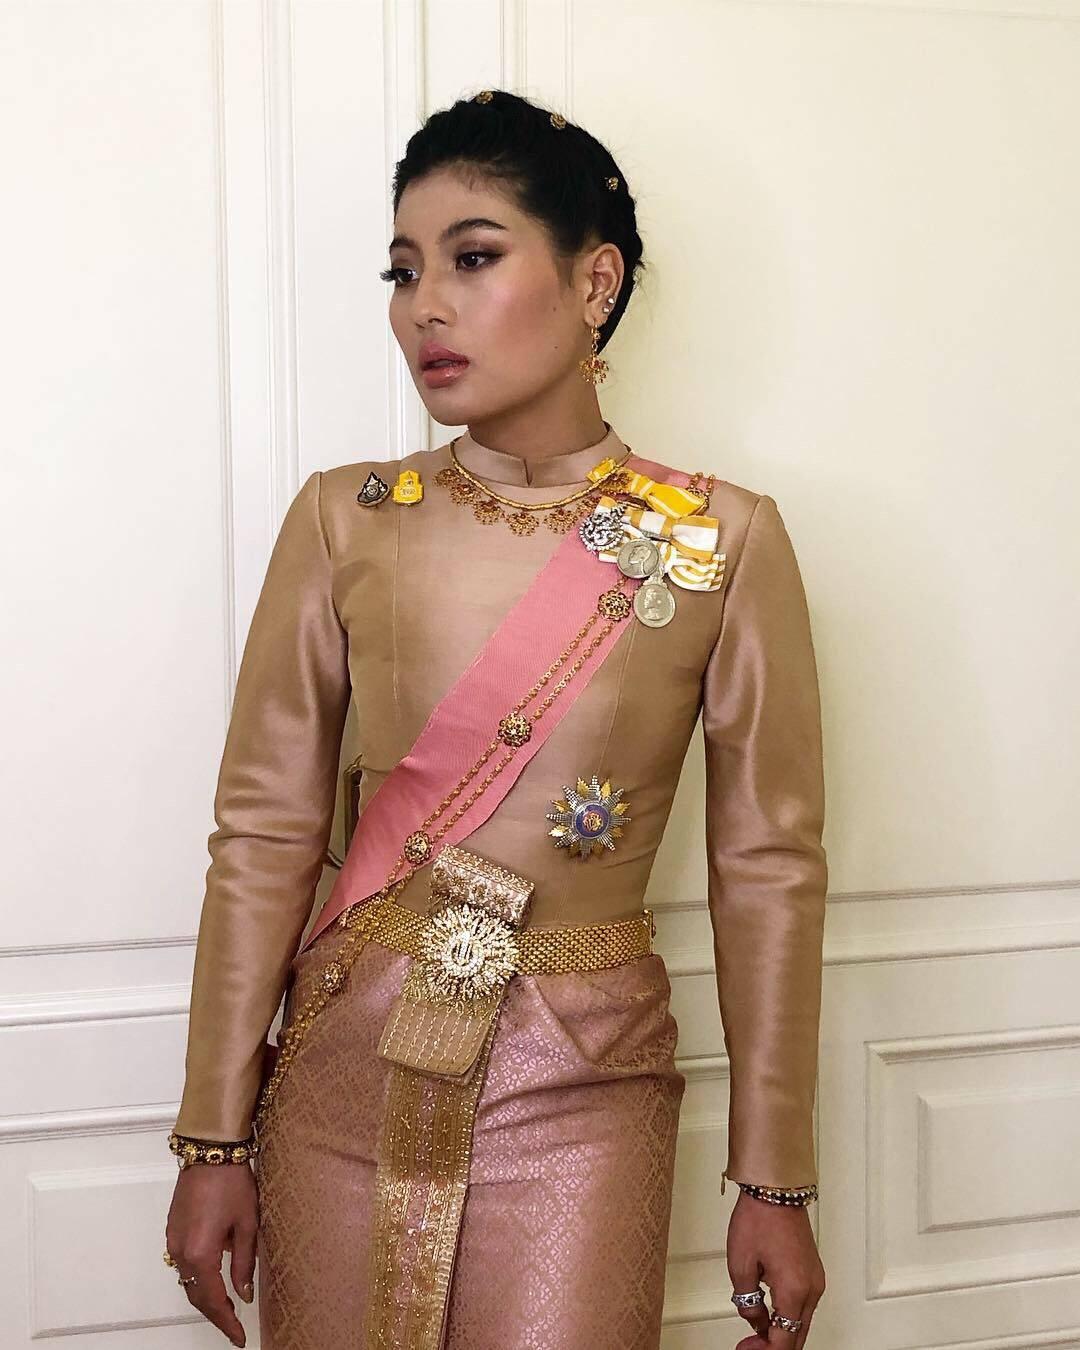 """""""เจ้าหญิงแฟชั่นนิสต้า"""" รวมฉลองพระองค์ชุดไทย 7 ชุด เจ้าฟ้าสิริวัณณวรีฯ ในการพระราชพิธีบรมราชาภิเษก"""